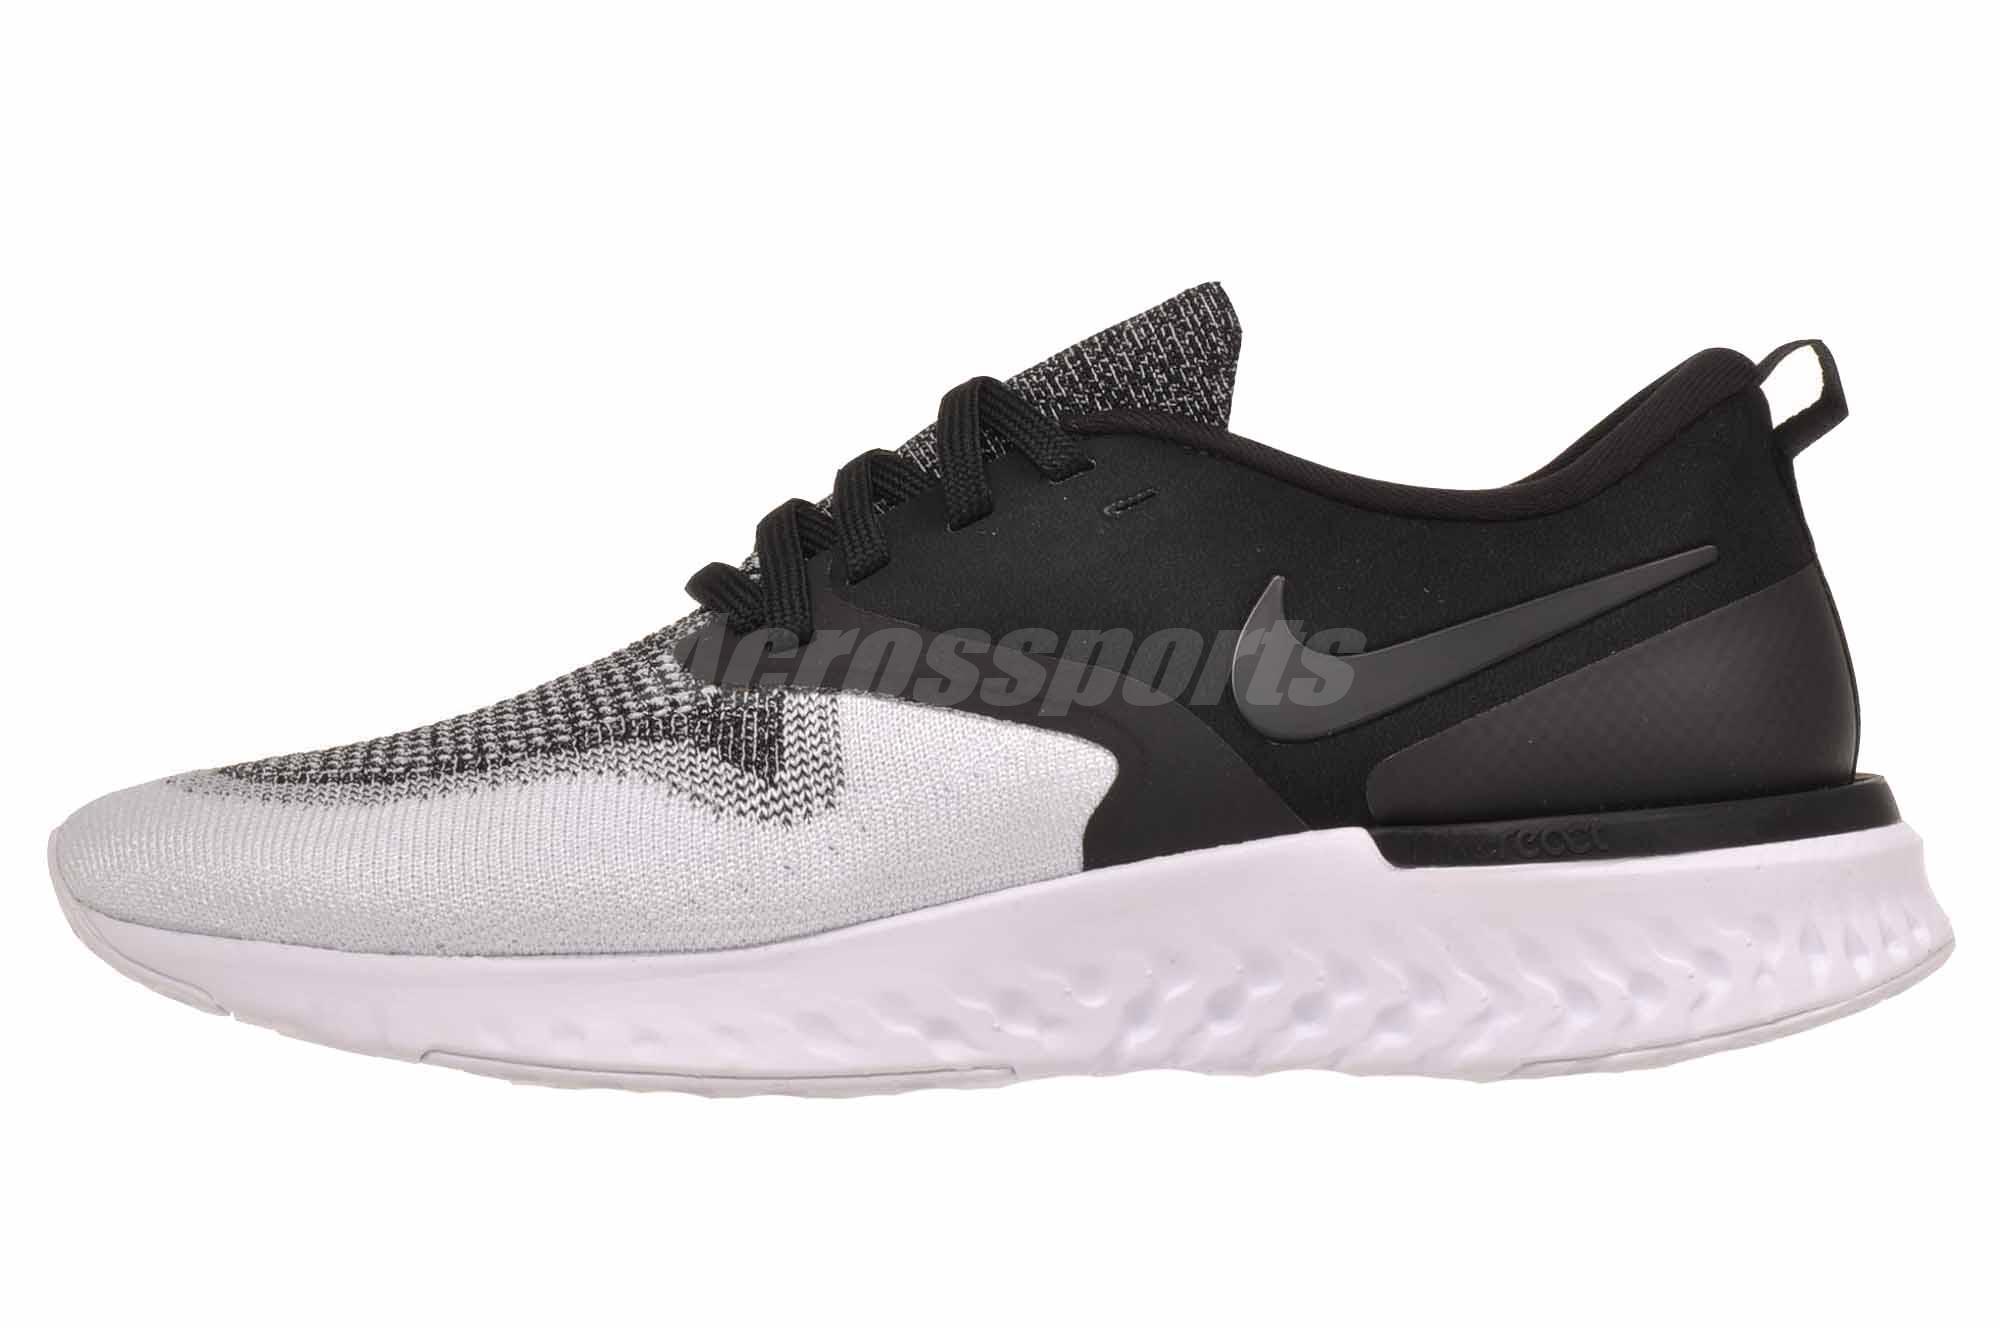 Nike W Odyssey React 2 Flyknit Running